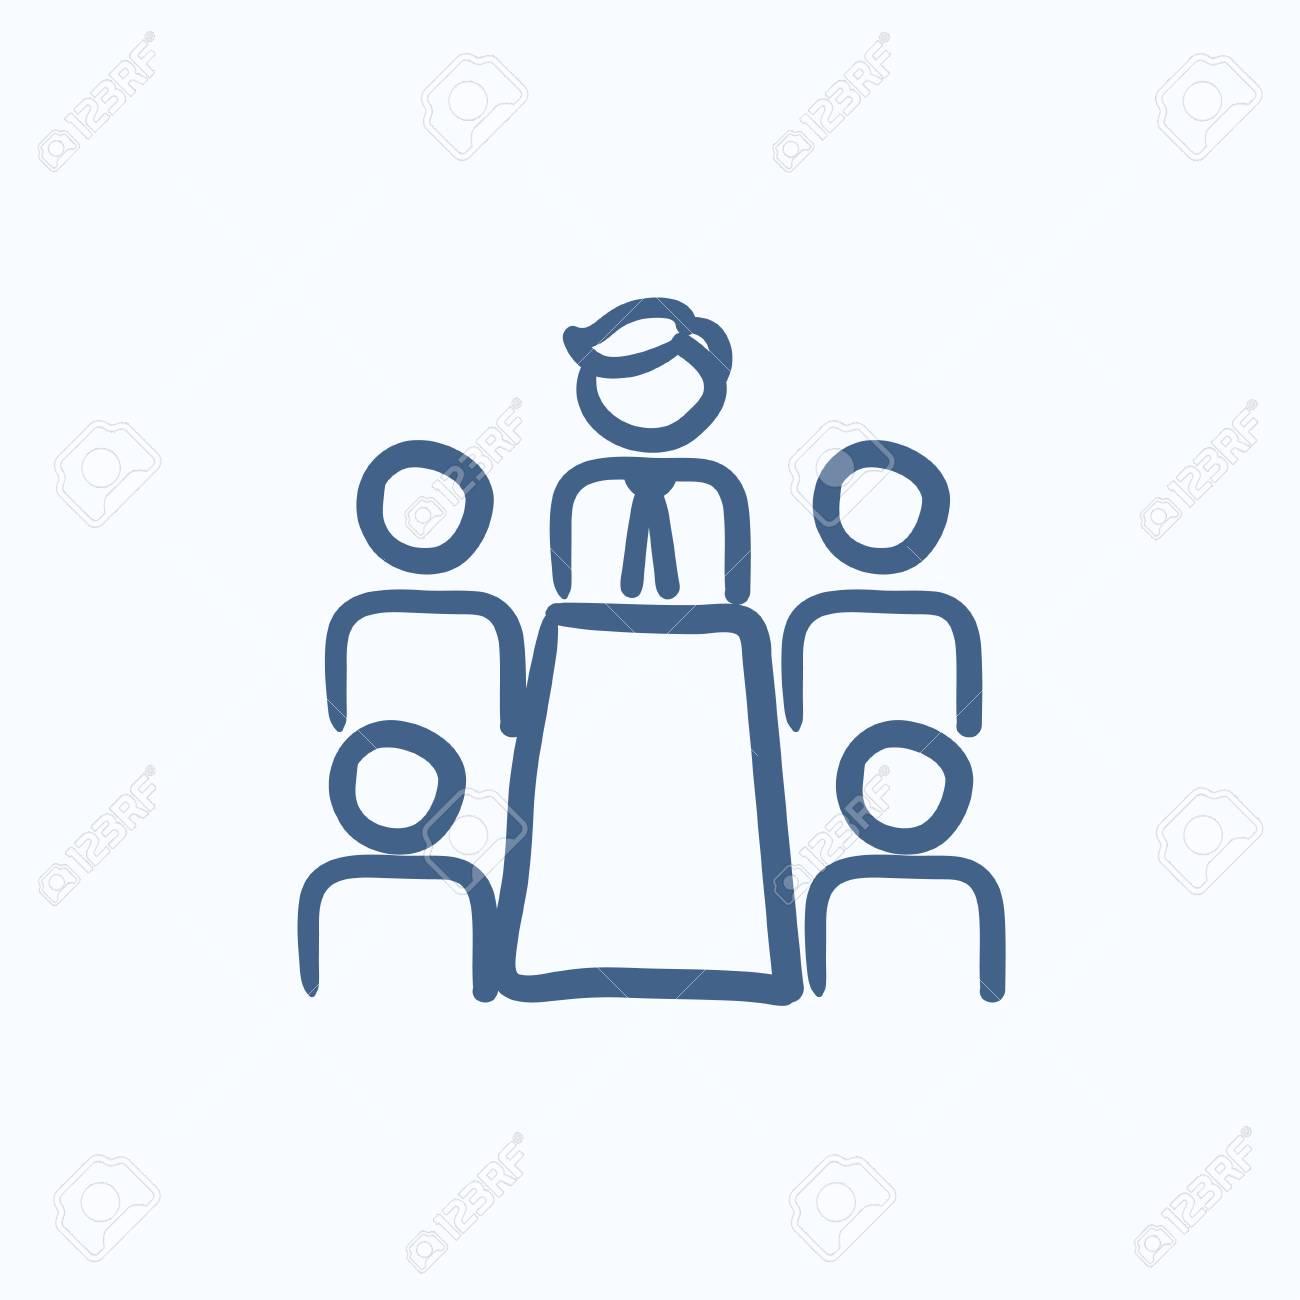 Reunión De Negocios En El Icono De Dibujo Vectorial De Oficina